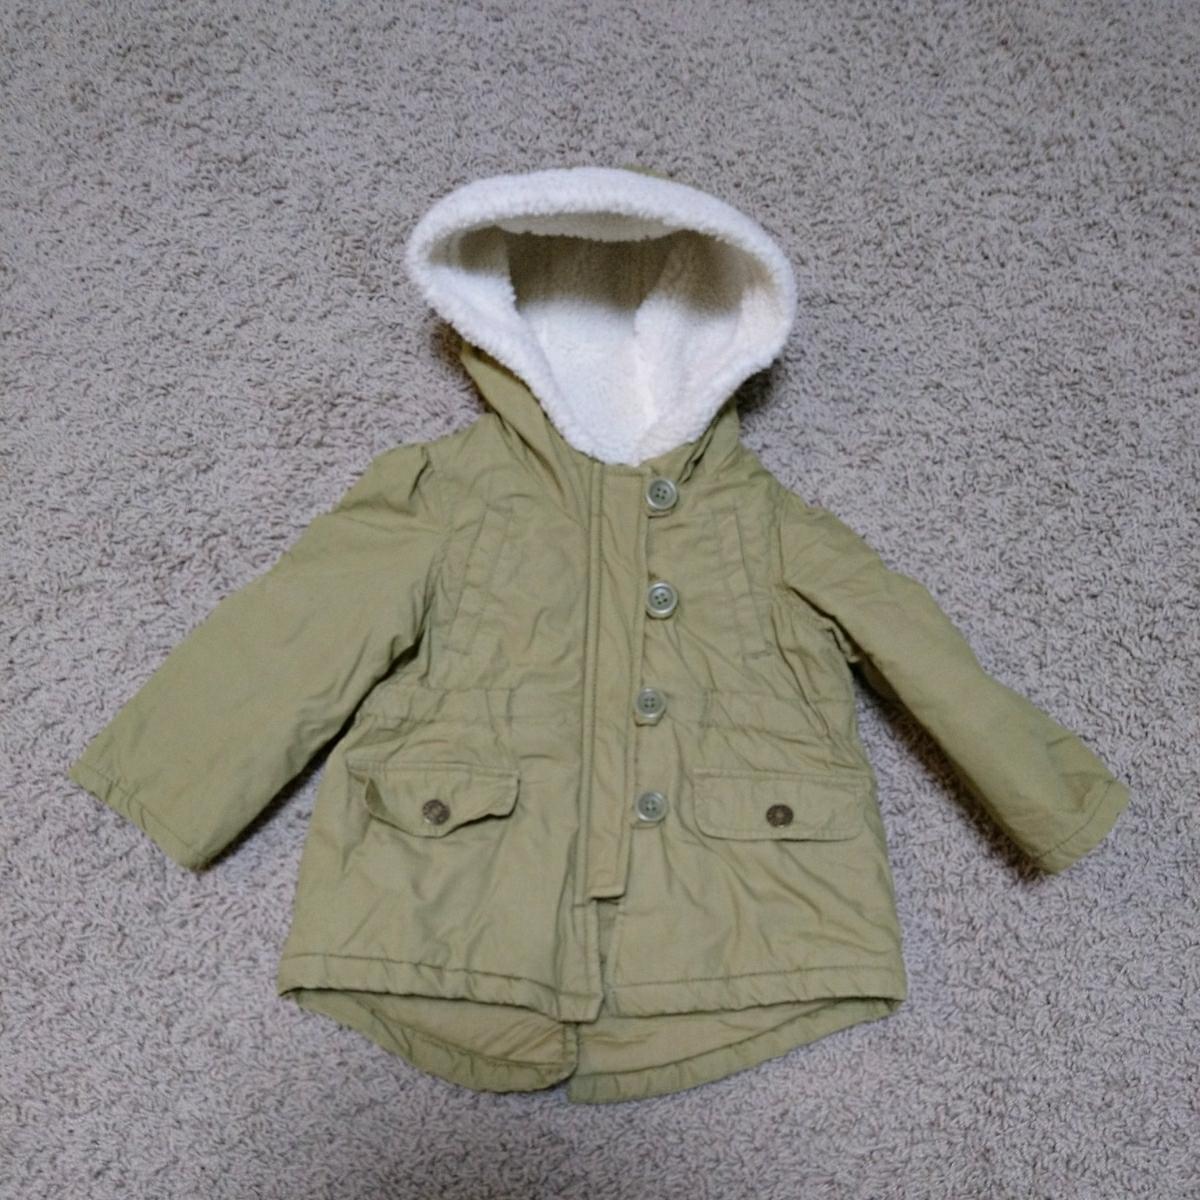 710841b30917c babyGap ベビーギャップ 中綿入りミリタリーコート ボアフード付き 80センチ 12-18m 1歳